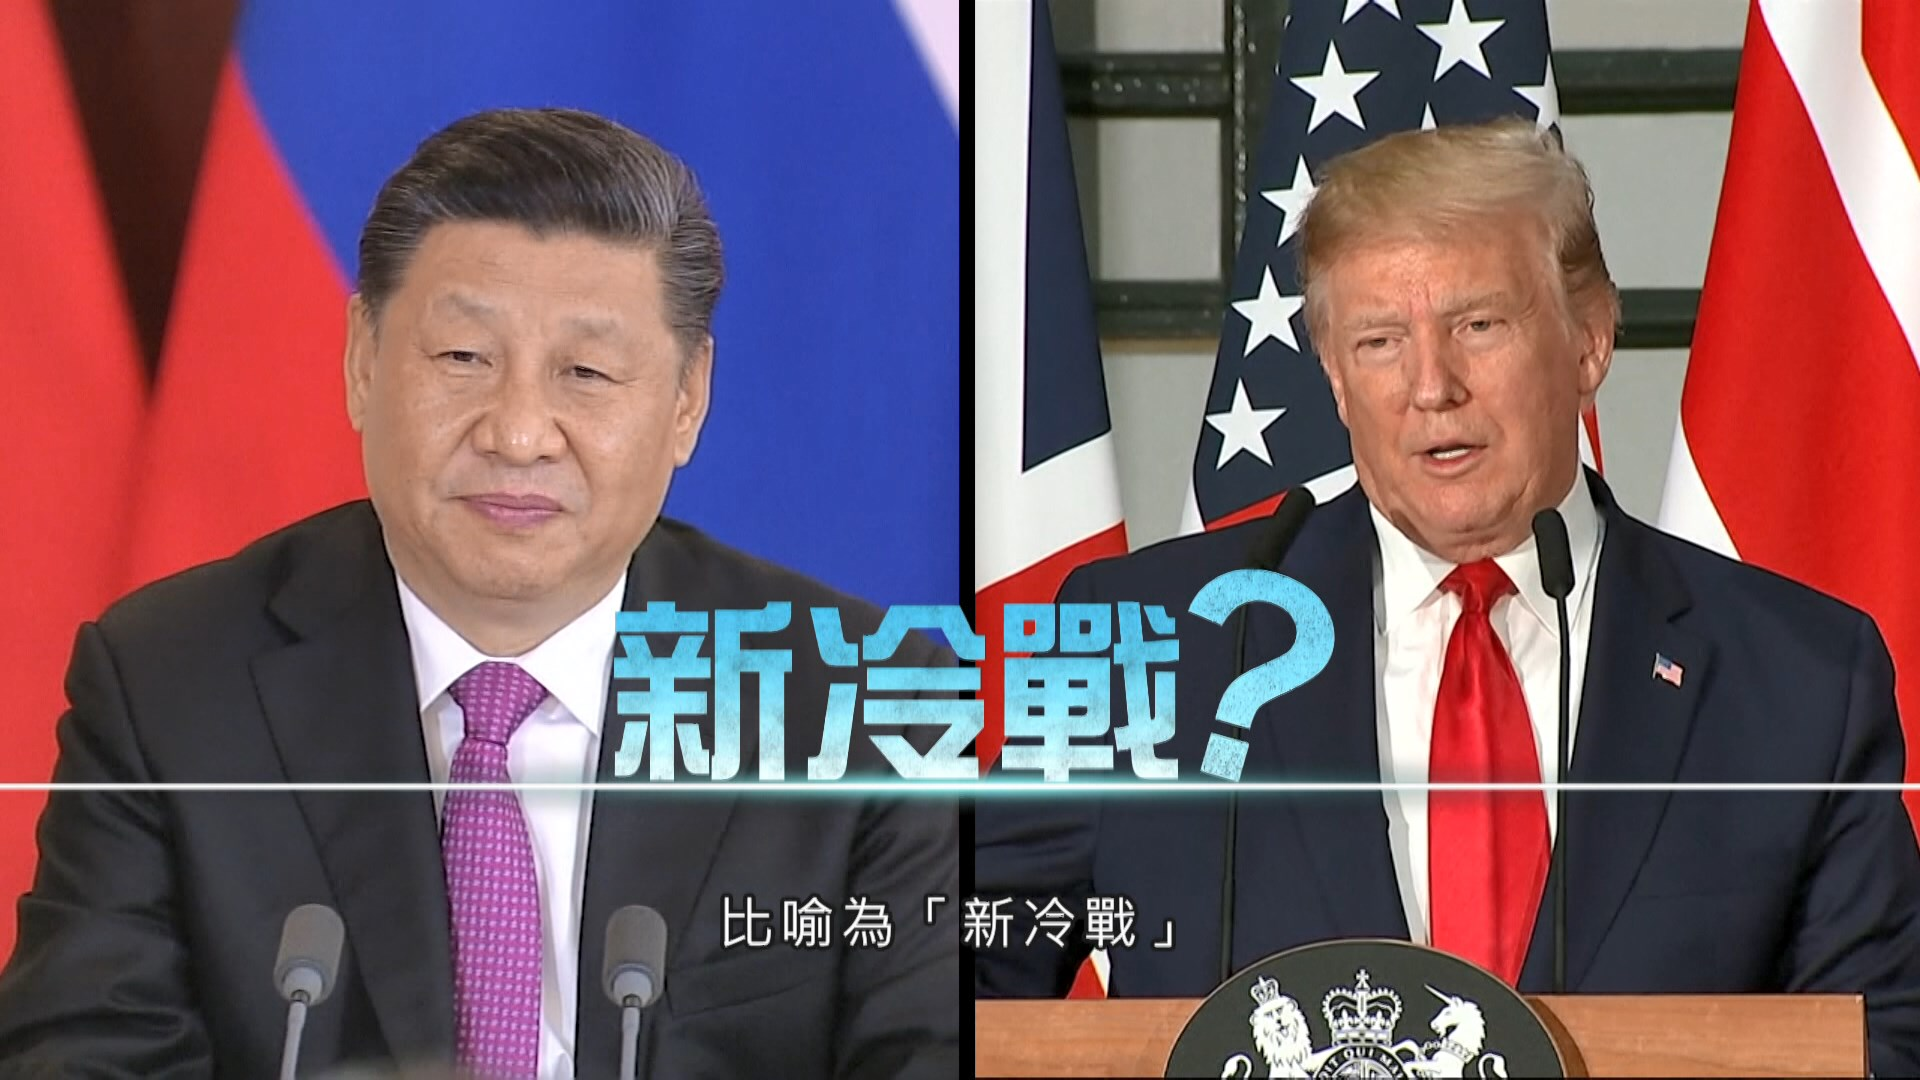 【新聞智庫】中美貿易成新冷戰?